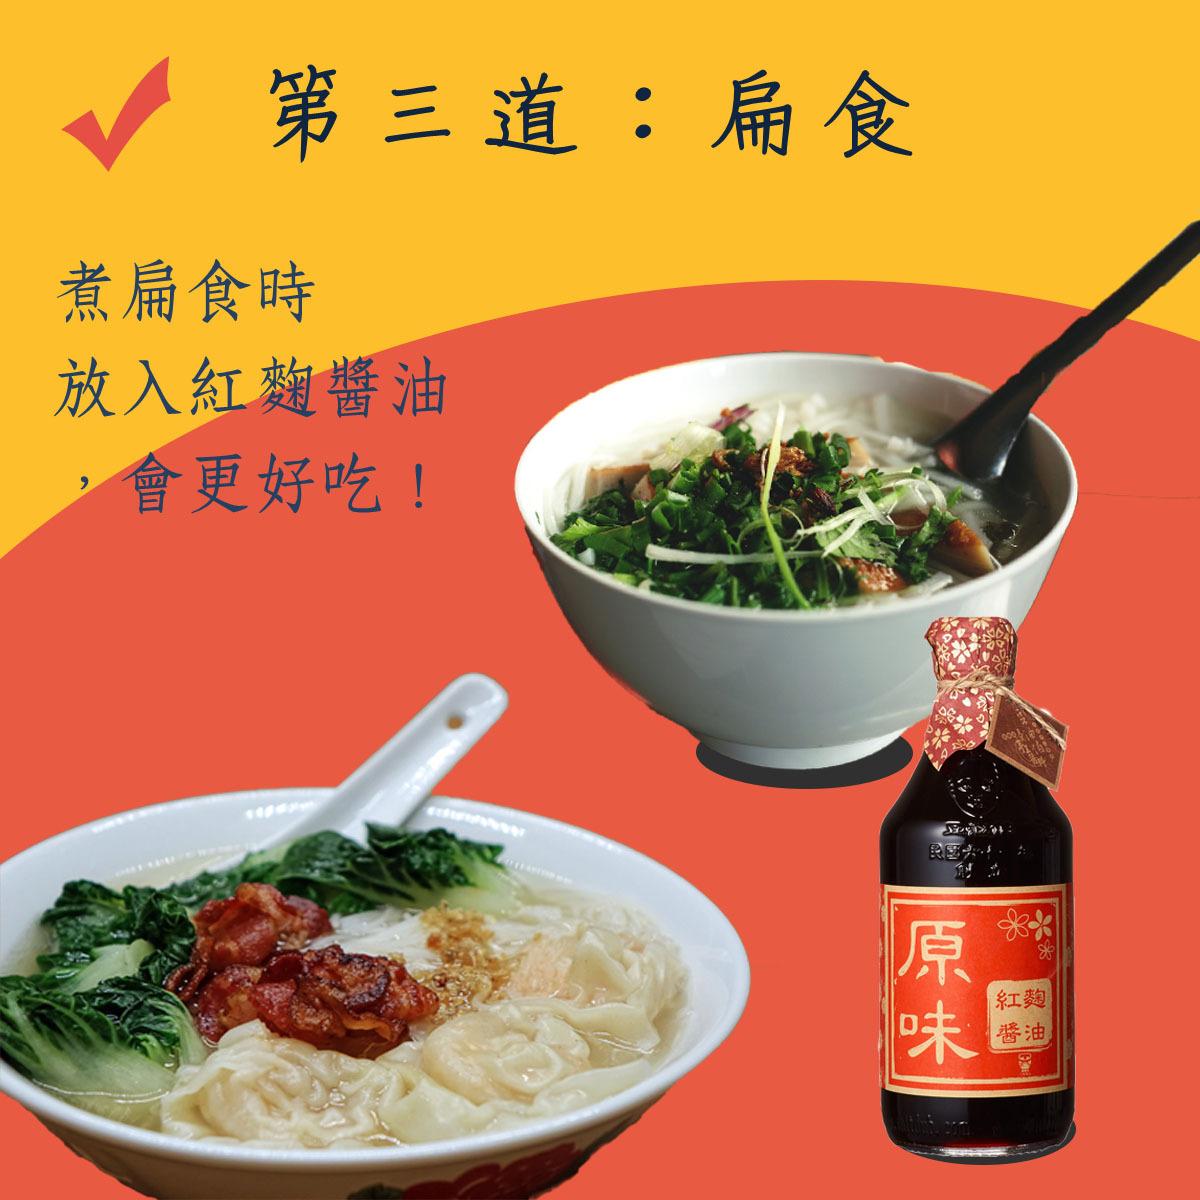 中元節五大必吃傳統食物,避邪又祈福!